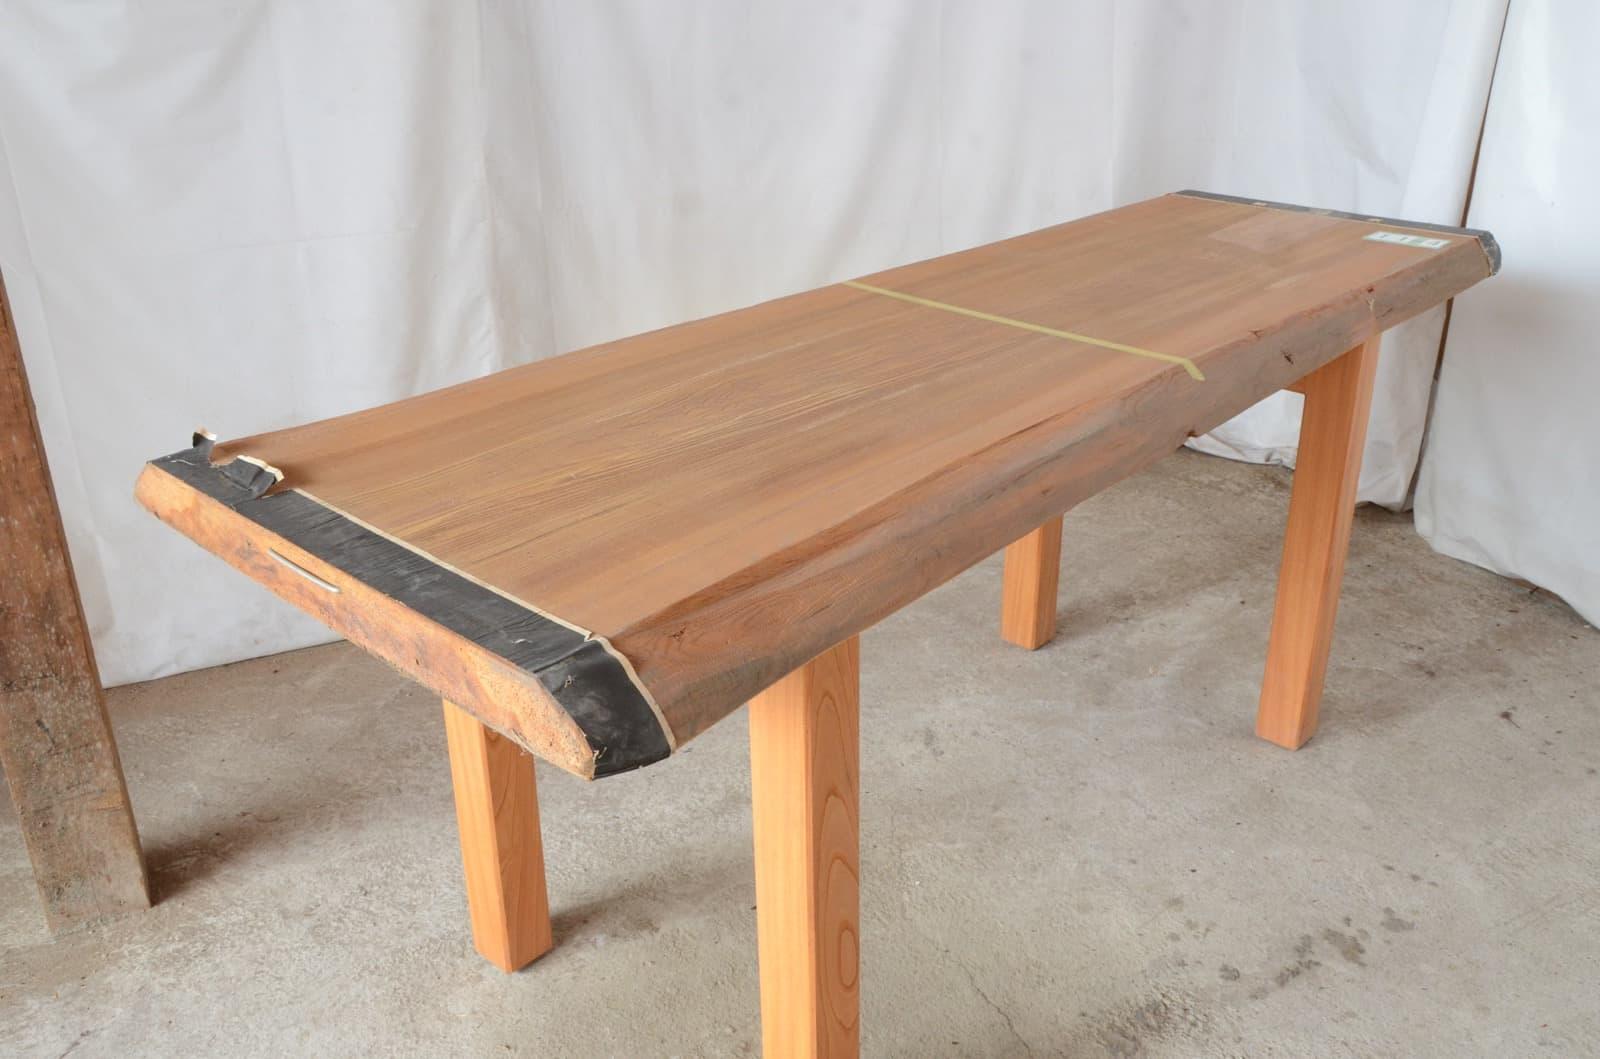 11-004 杉 (スギ) 一枚板 ときがわ木材有限会社(埼玉県ときがわ町)